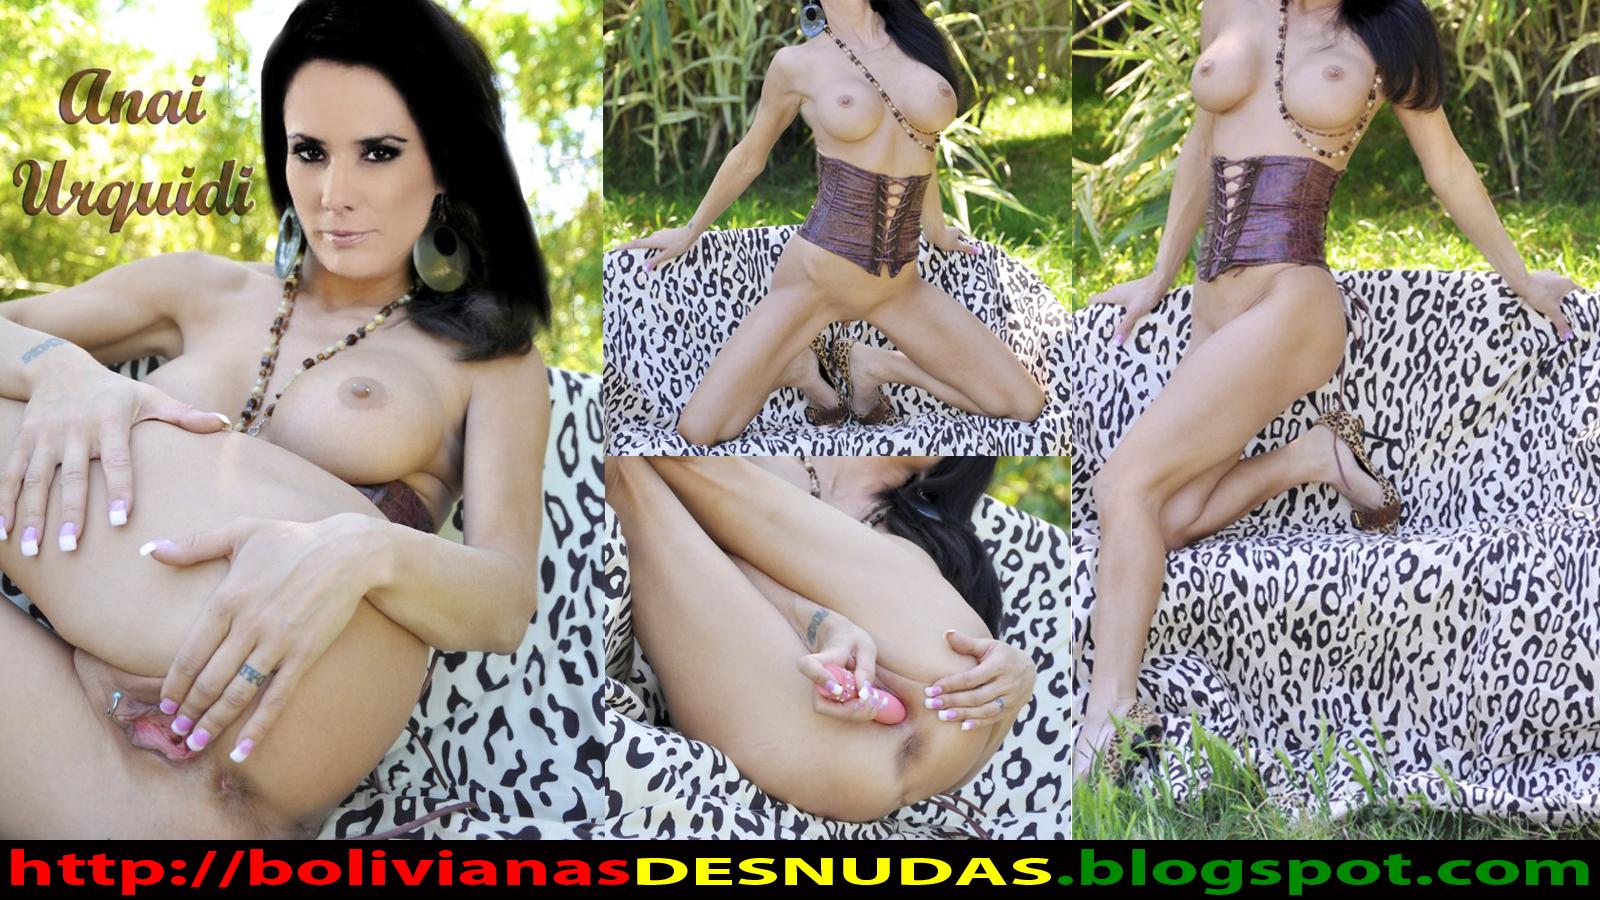 Bolivianas Famosas Desnudas Anai Urquidi Posando Desnuda Filmvz